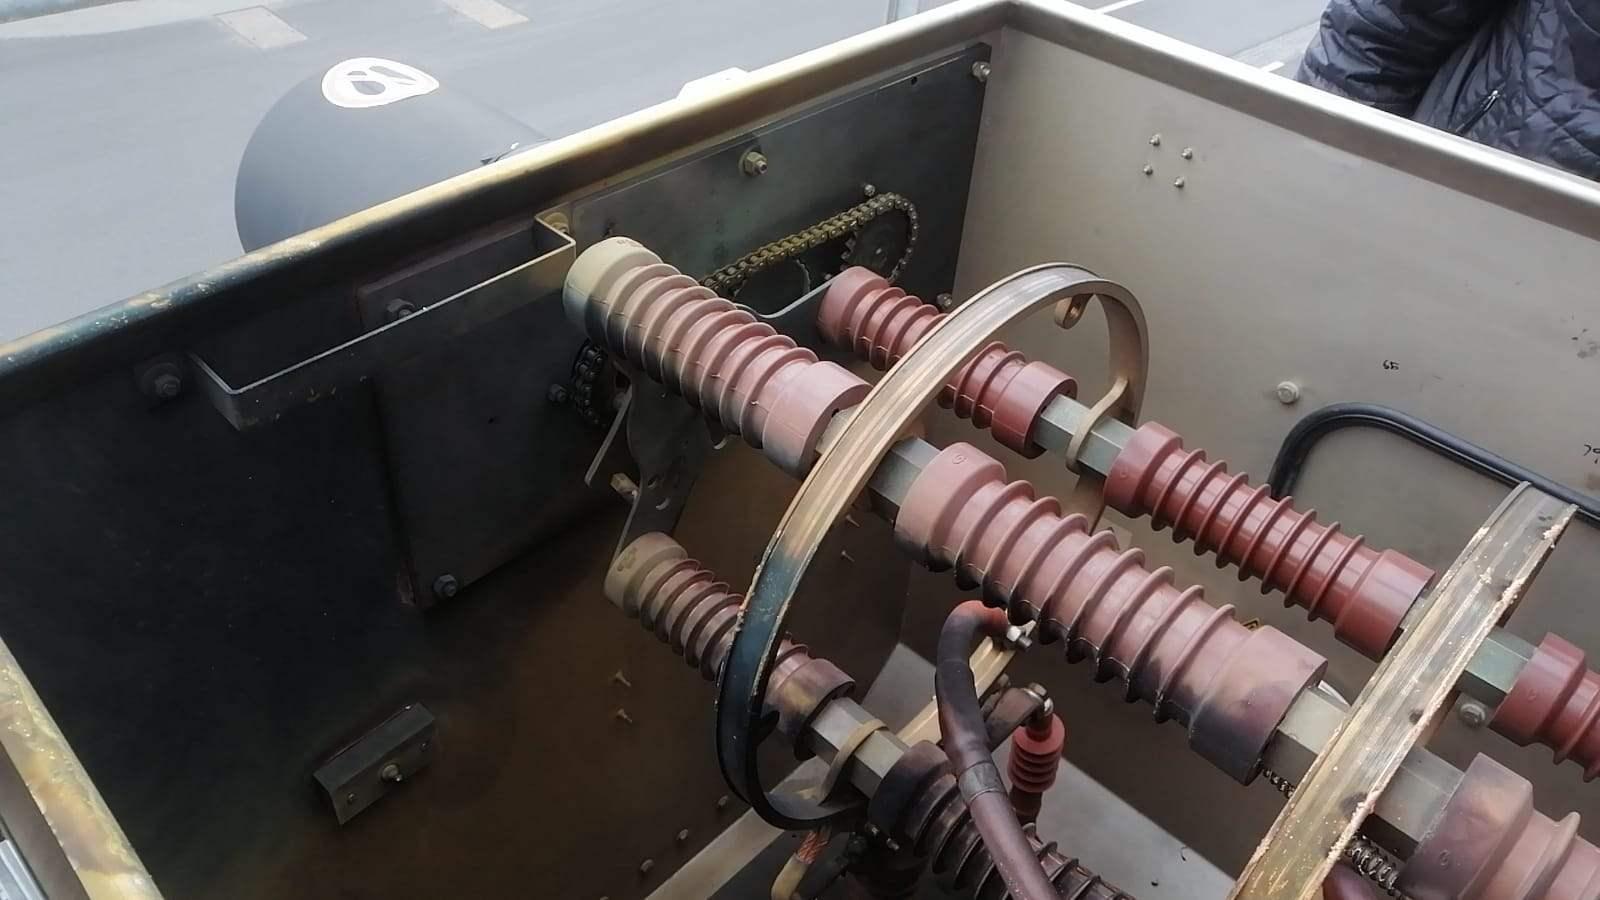 20200102-E-7-10kV-Kabel-Portal-Kran-beschädigt